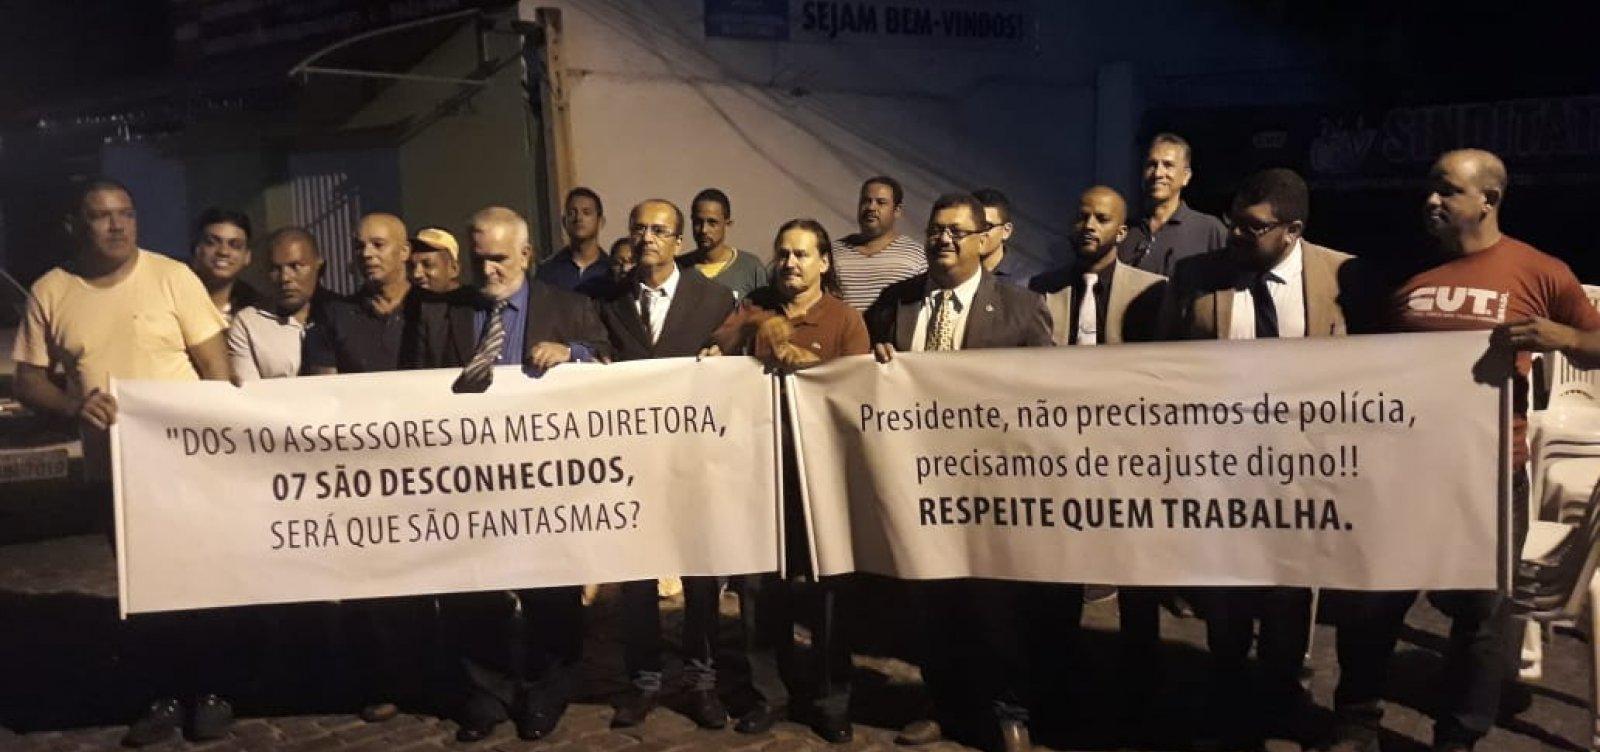 Itapetinga: após briga com presidente, vereadores fazem sessão na rua